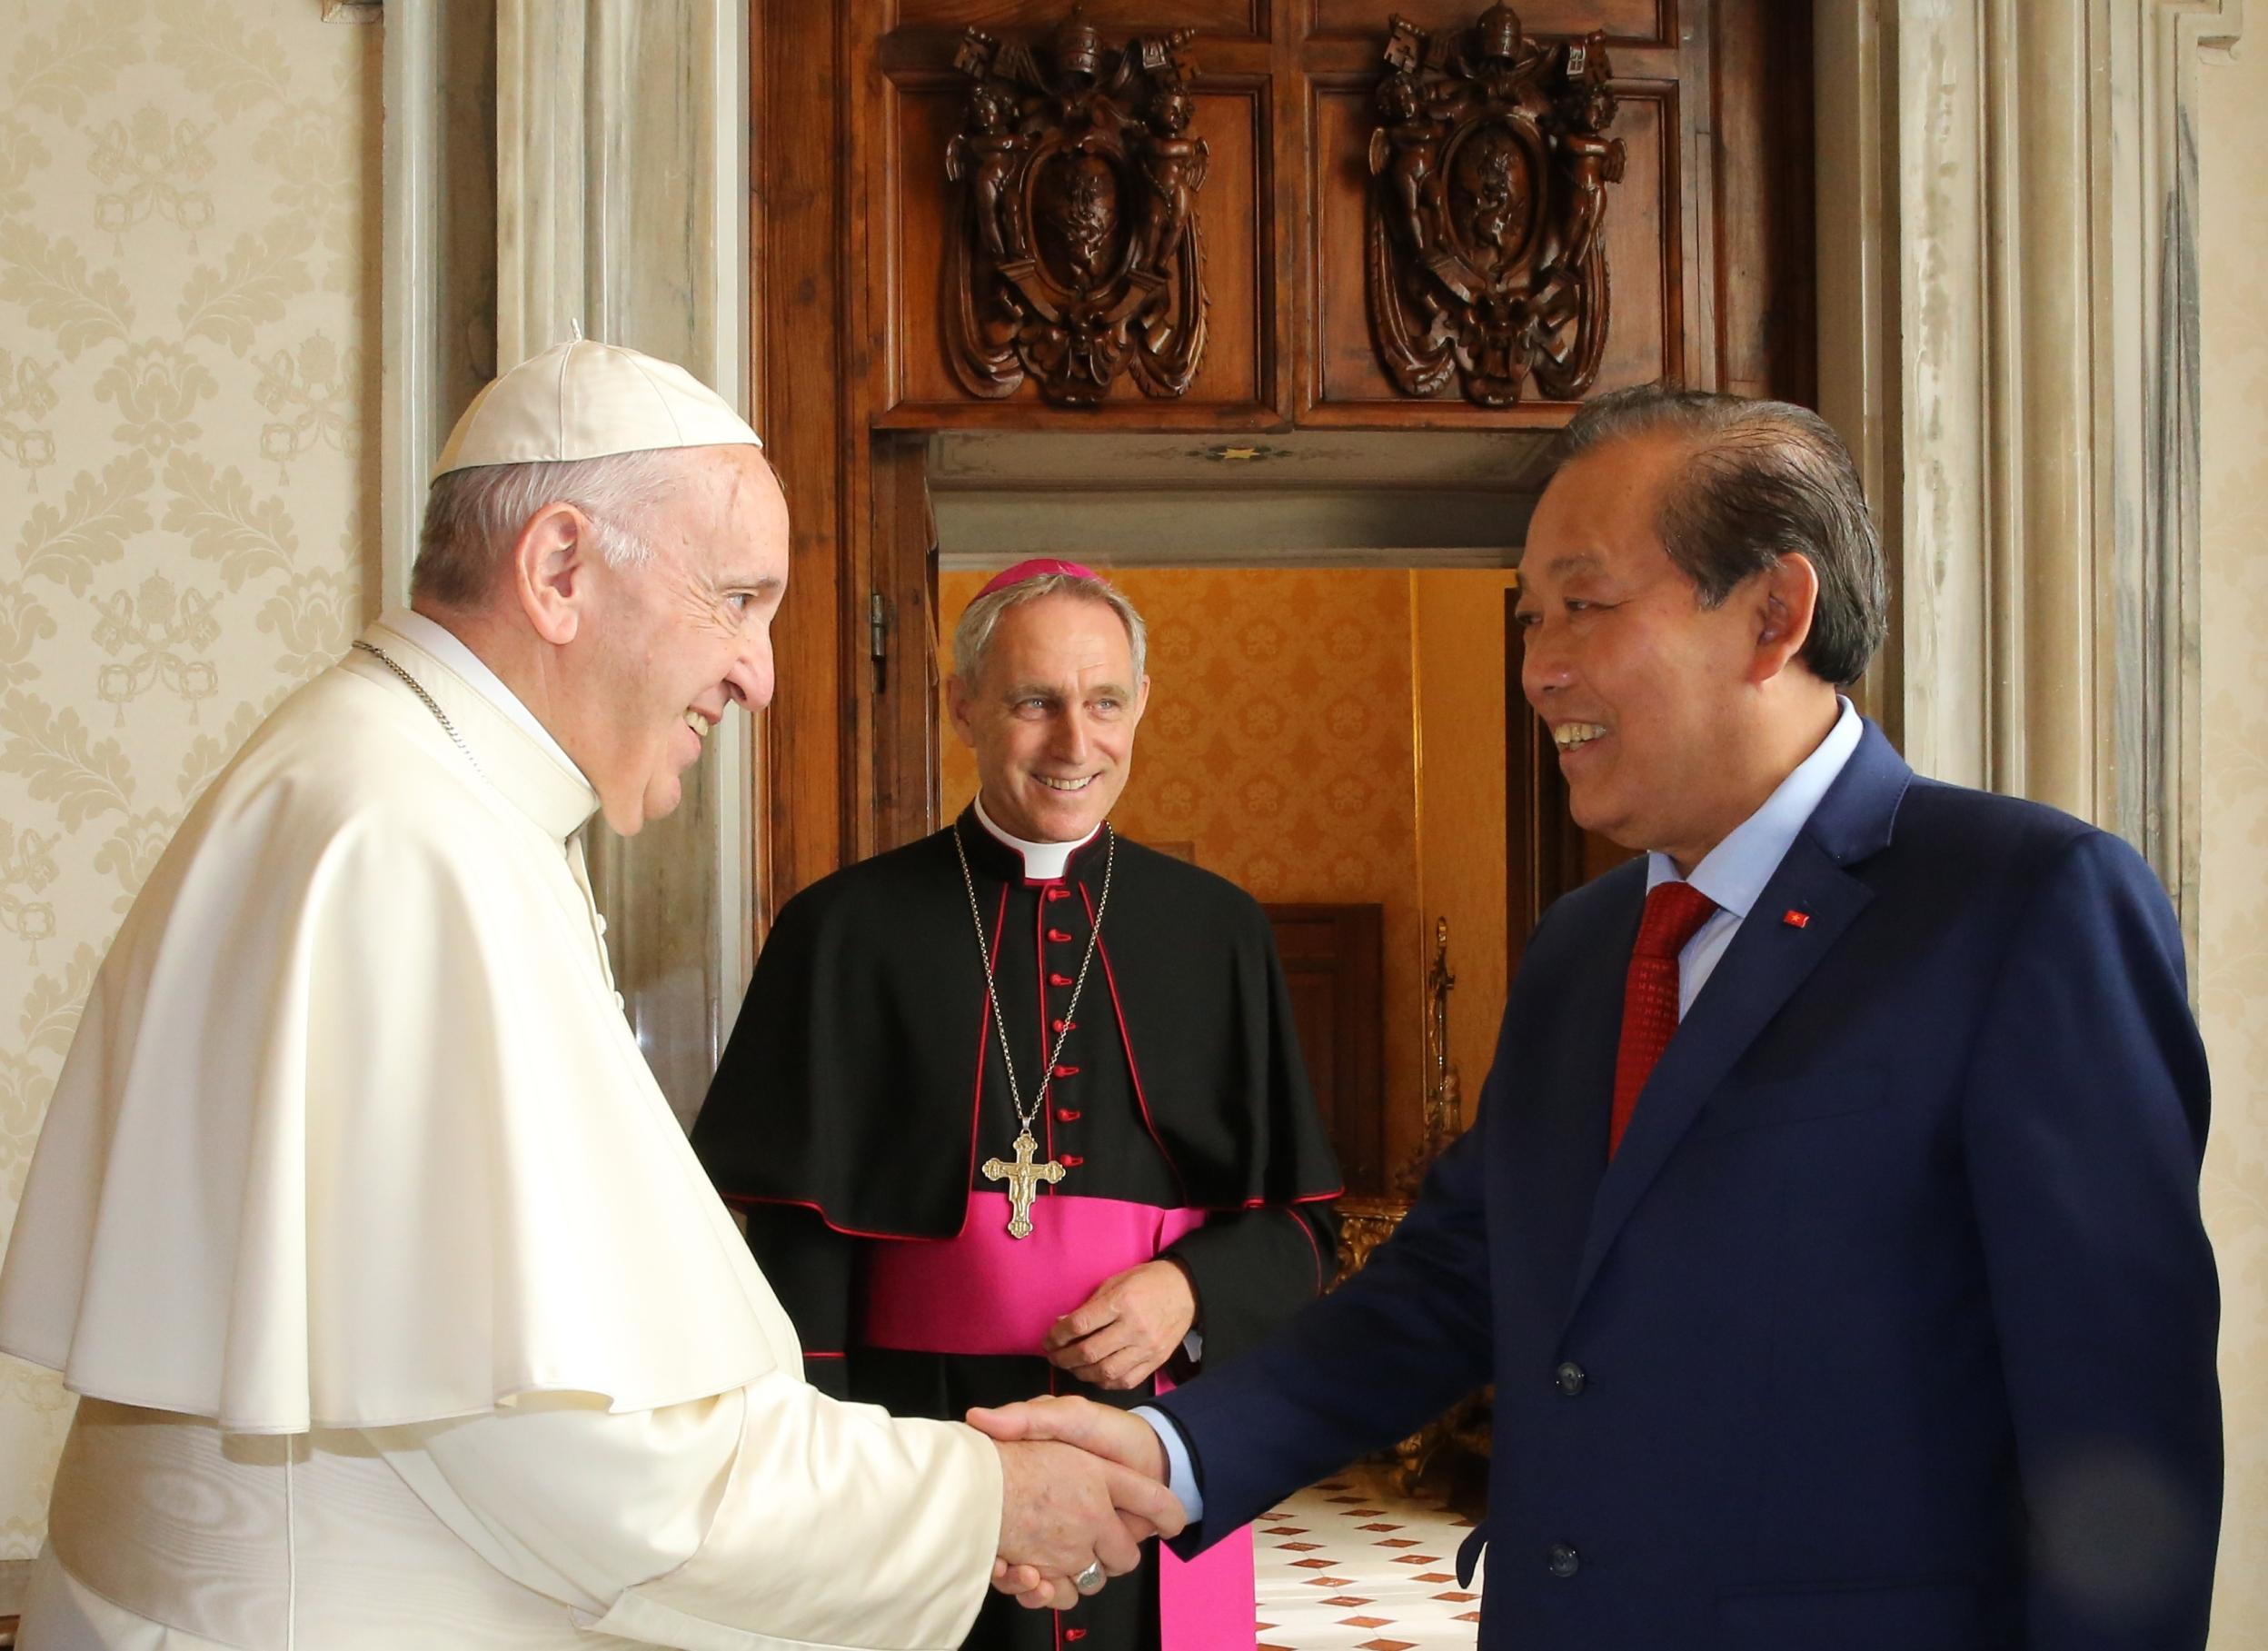 Phó Thủ tướng Trương Hòa Bình hội kiến Giáo hoàng Francis